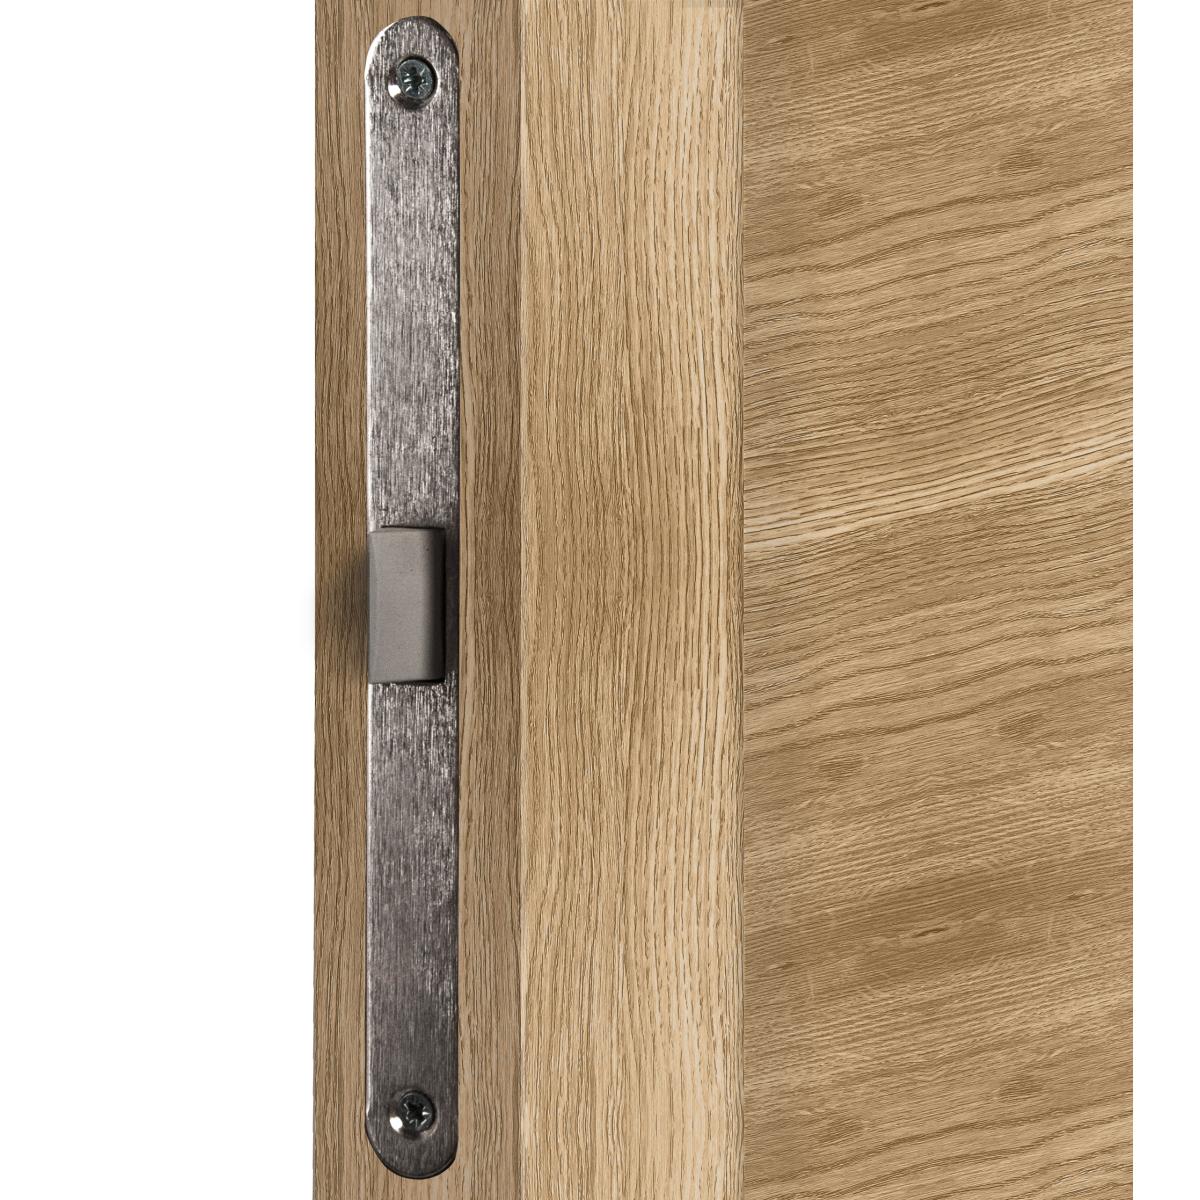 Дверь межкомнатная остеклённая Тренто 90х200 см с фурнитурой ПВХ цвет европейский дуб